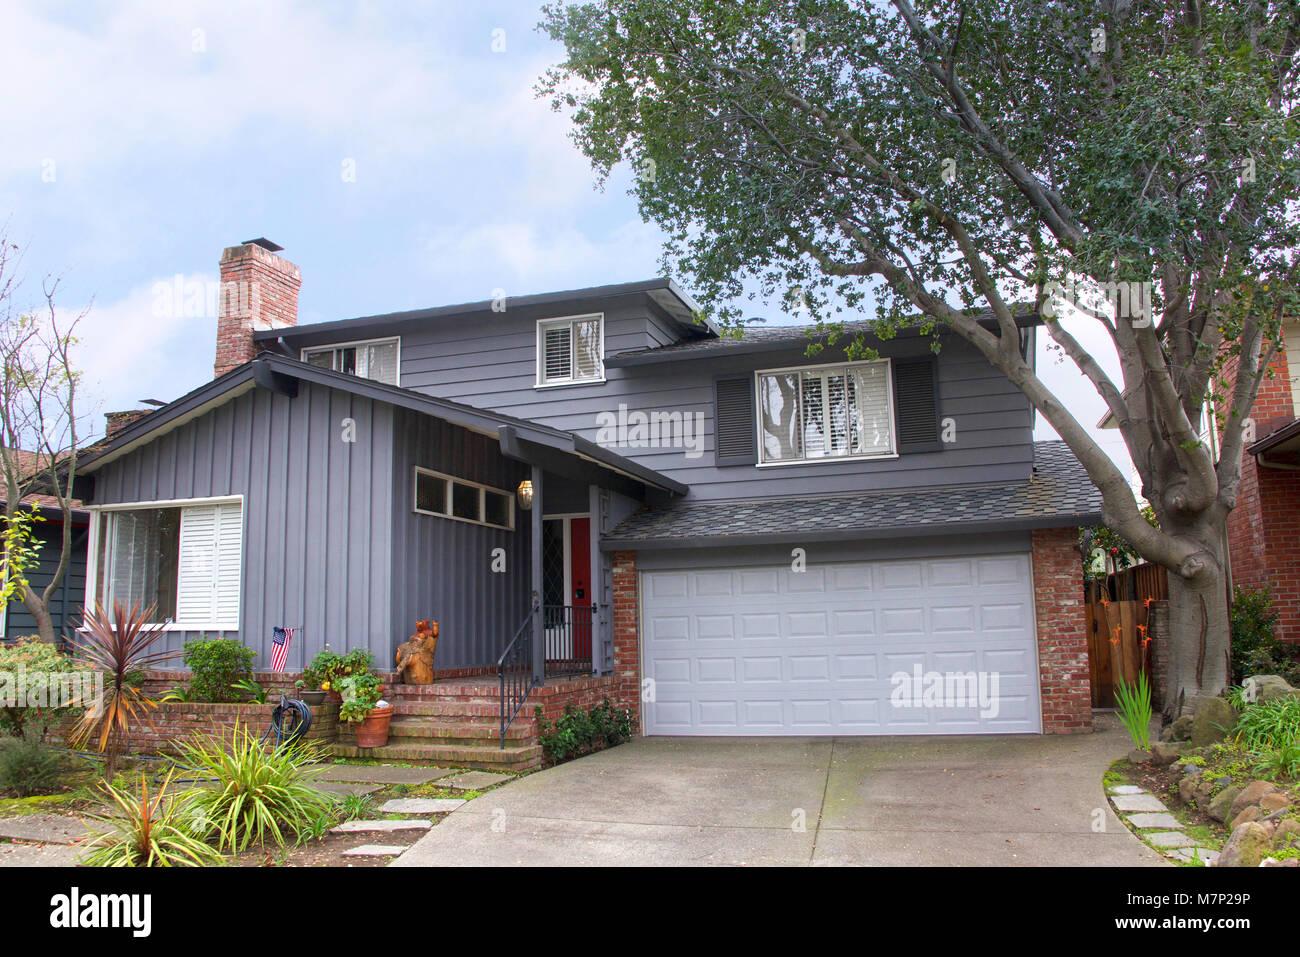 Zwei Geschichte Ranch Style House, Grau Holz Abstellgleis Mit Rotem  Backstein. Ranch Style Ist